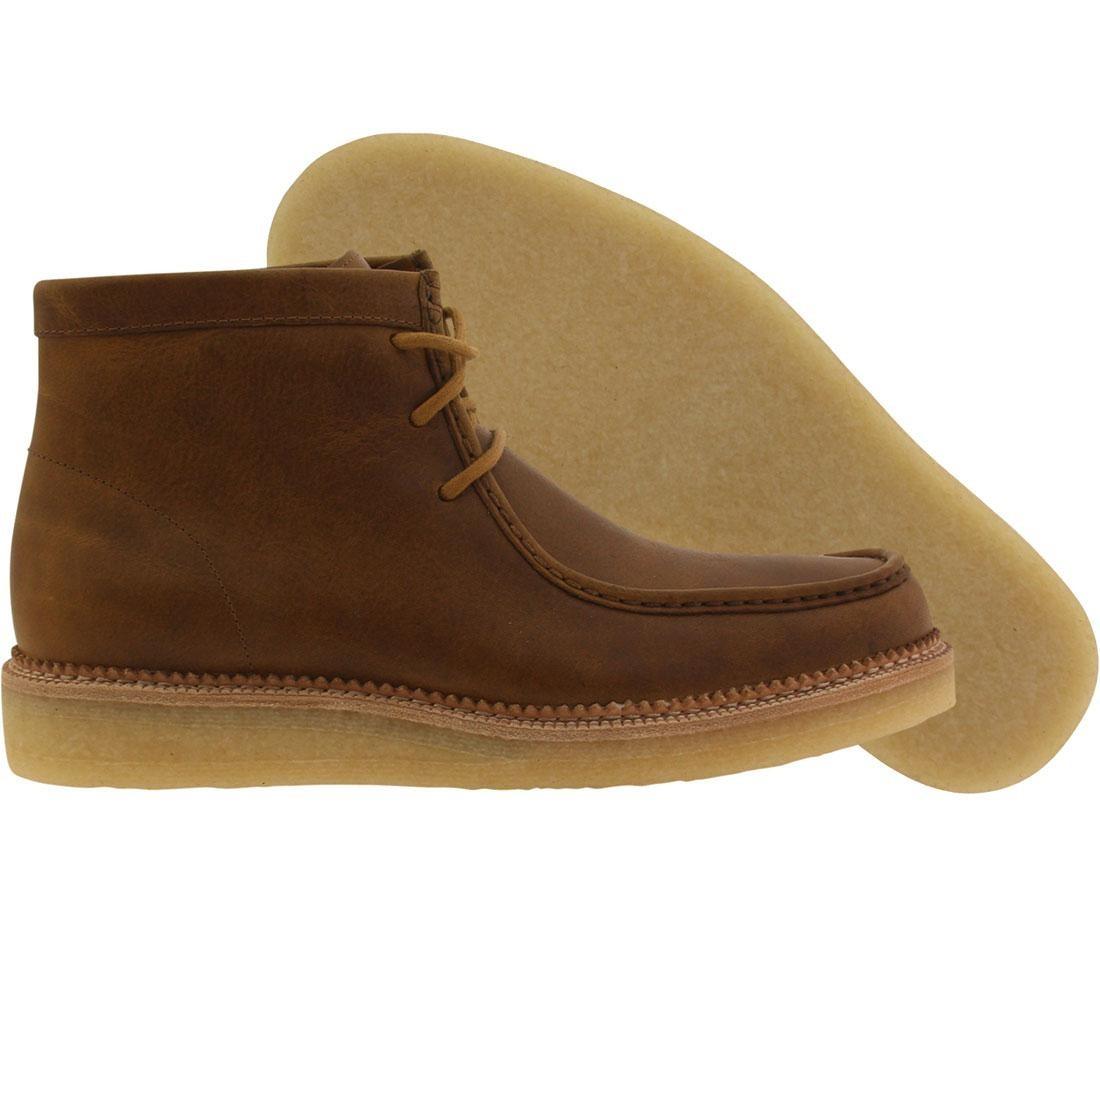 【海外限定】クラークス 茶 ブラウン 靴 スニーカー 【 BROWN CLARKS MEN BECKERY HIKE BRONZE LEATHER 】